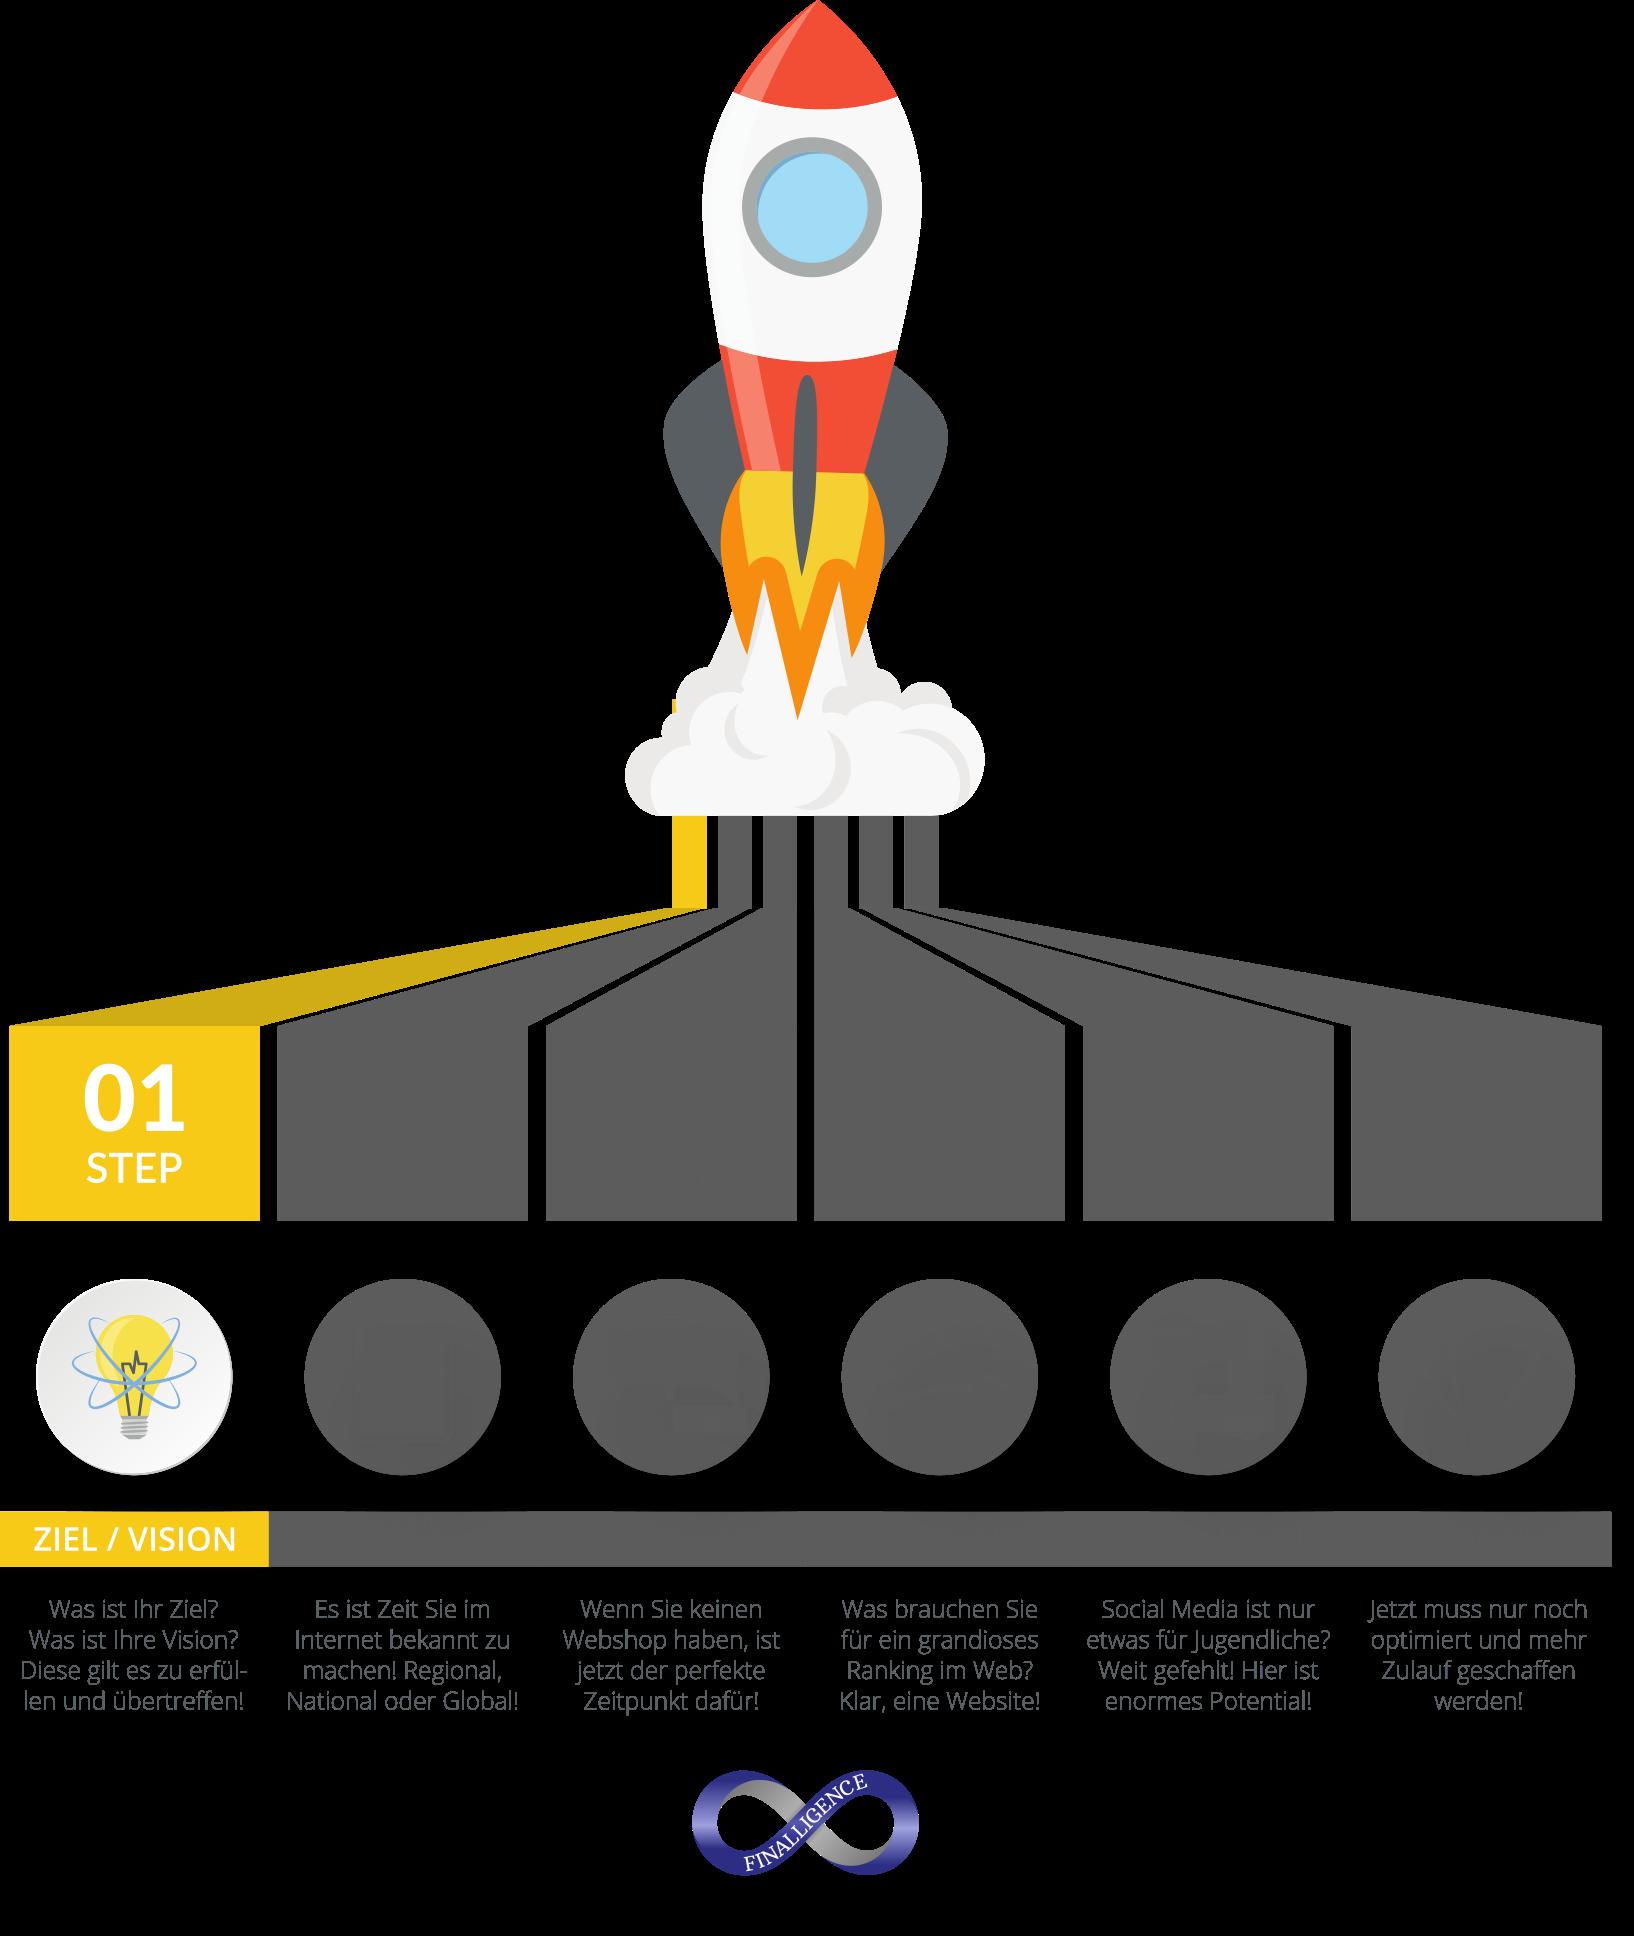 Online Auftritt Rakete für sichtbaren Erfolg - Step01 | Finalligence